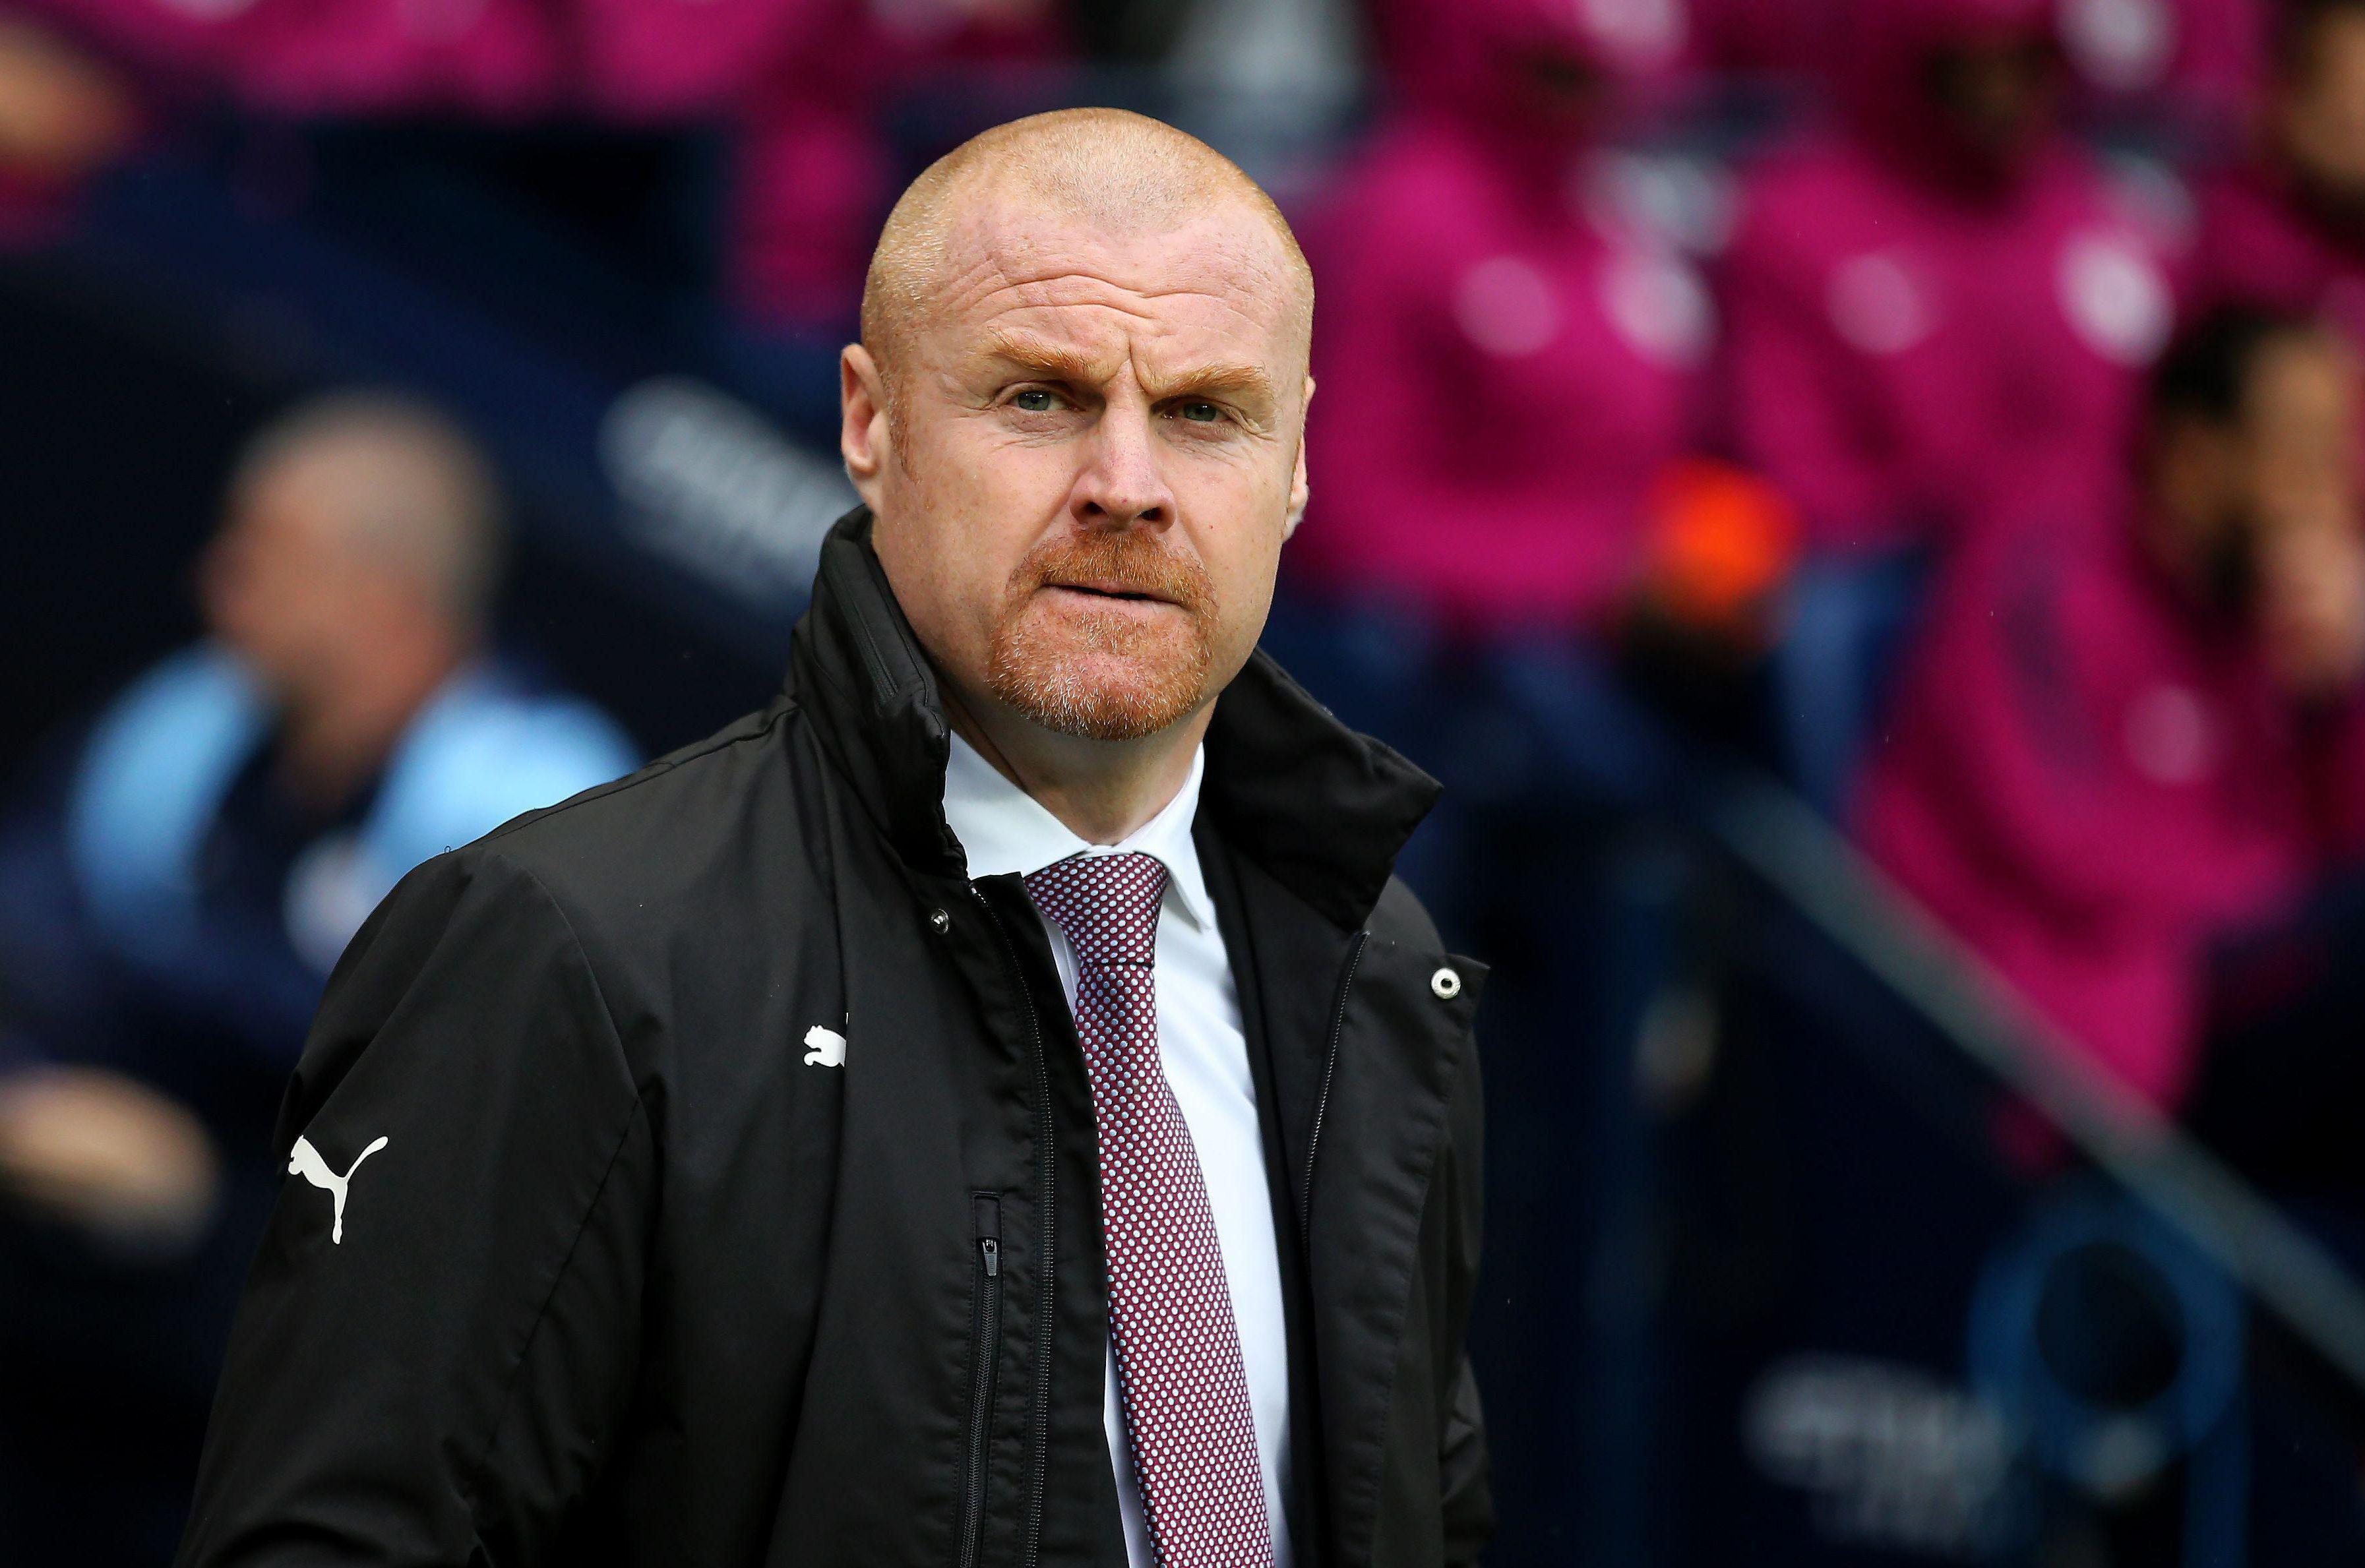 Sean Dyche has done a stellar job at Burnley